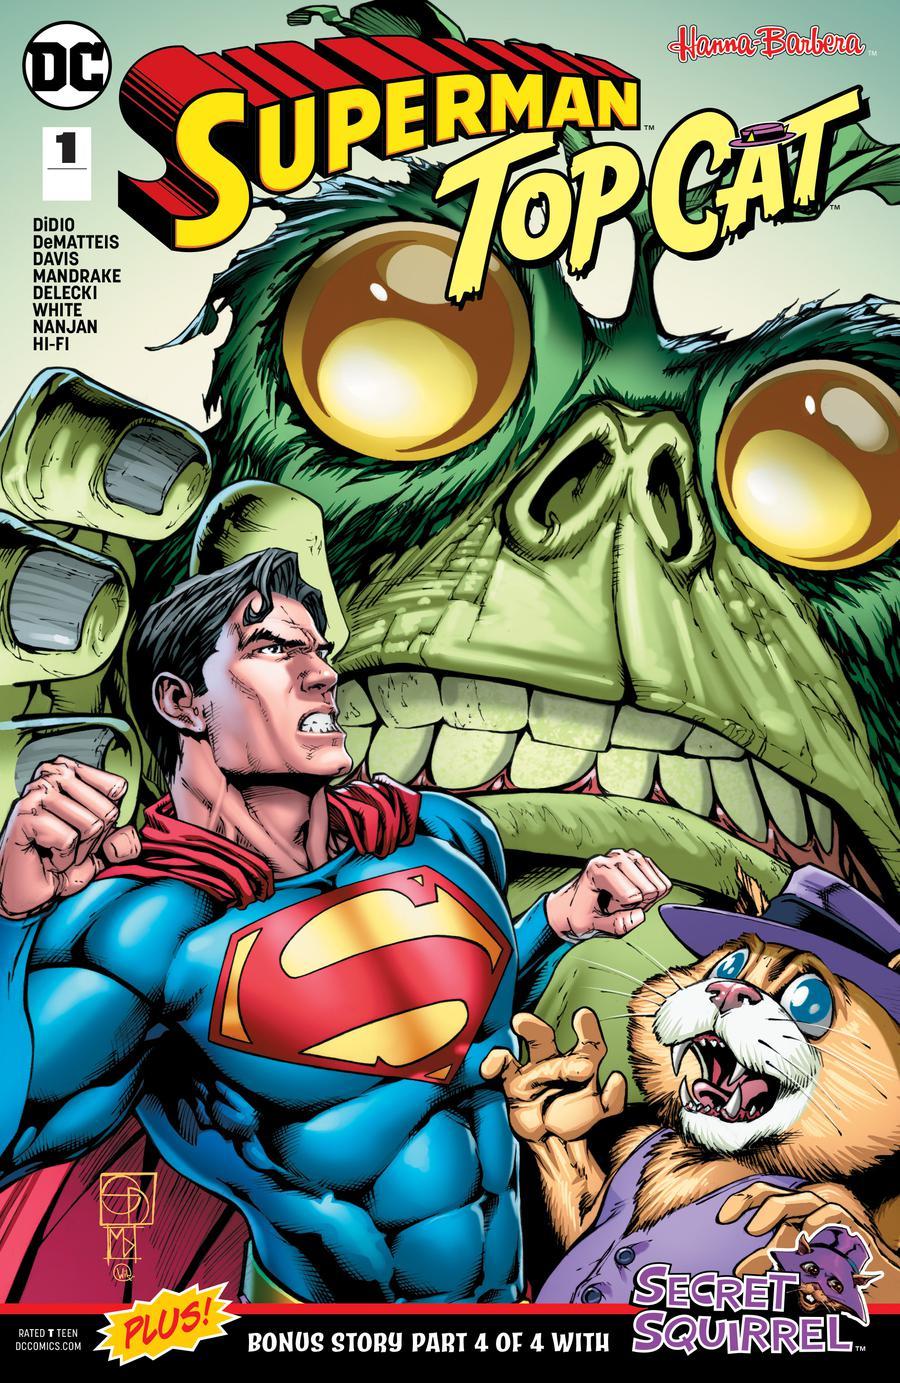 Superman Top Cat Special #1 Cover A Regular Shane Davis Cover